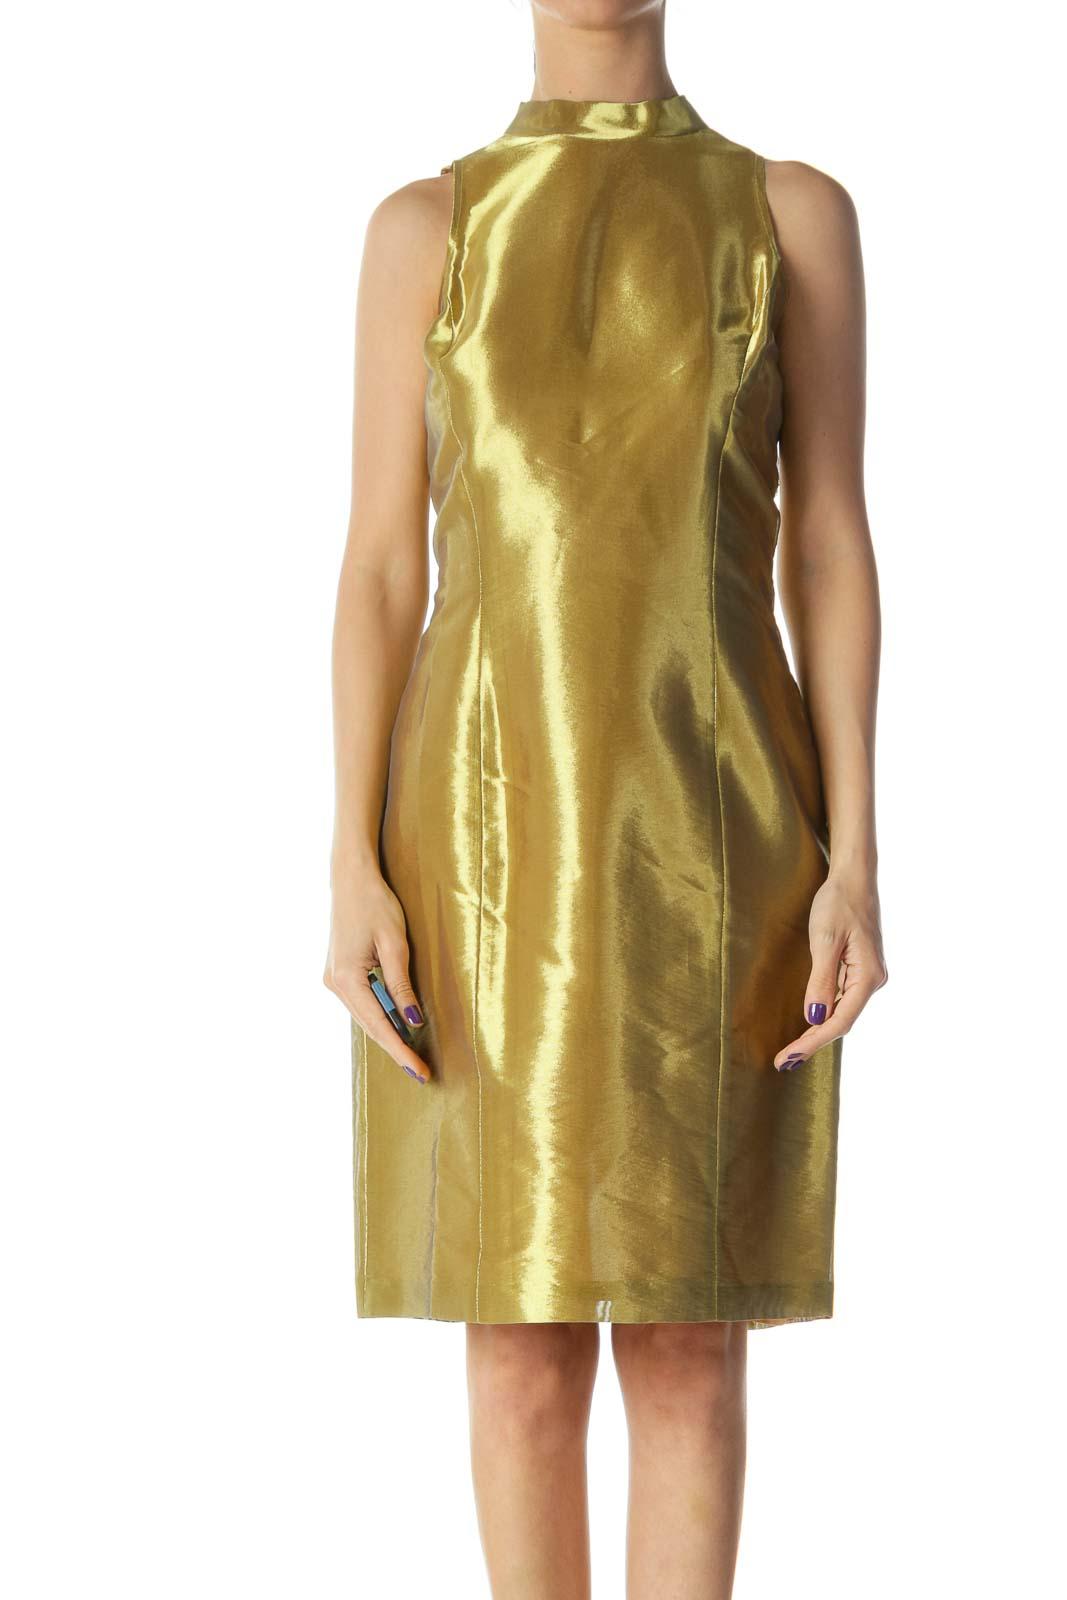 Gold Tent Dress